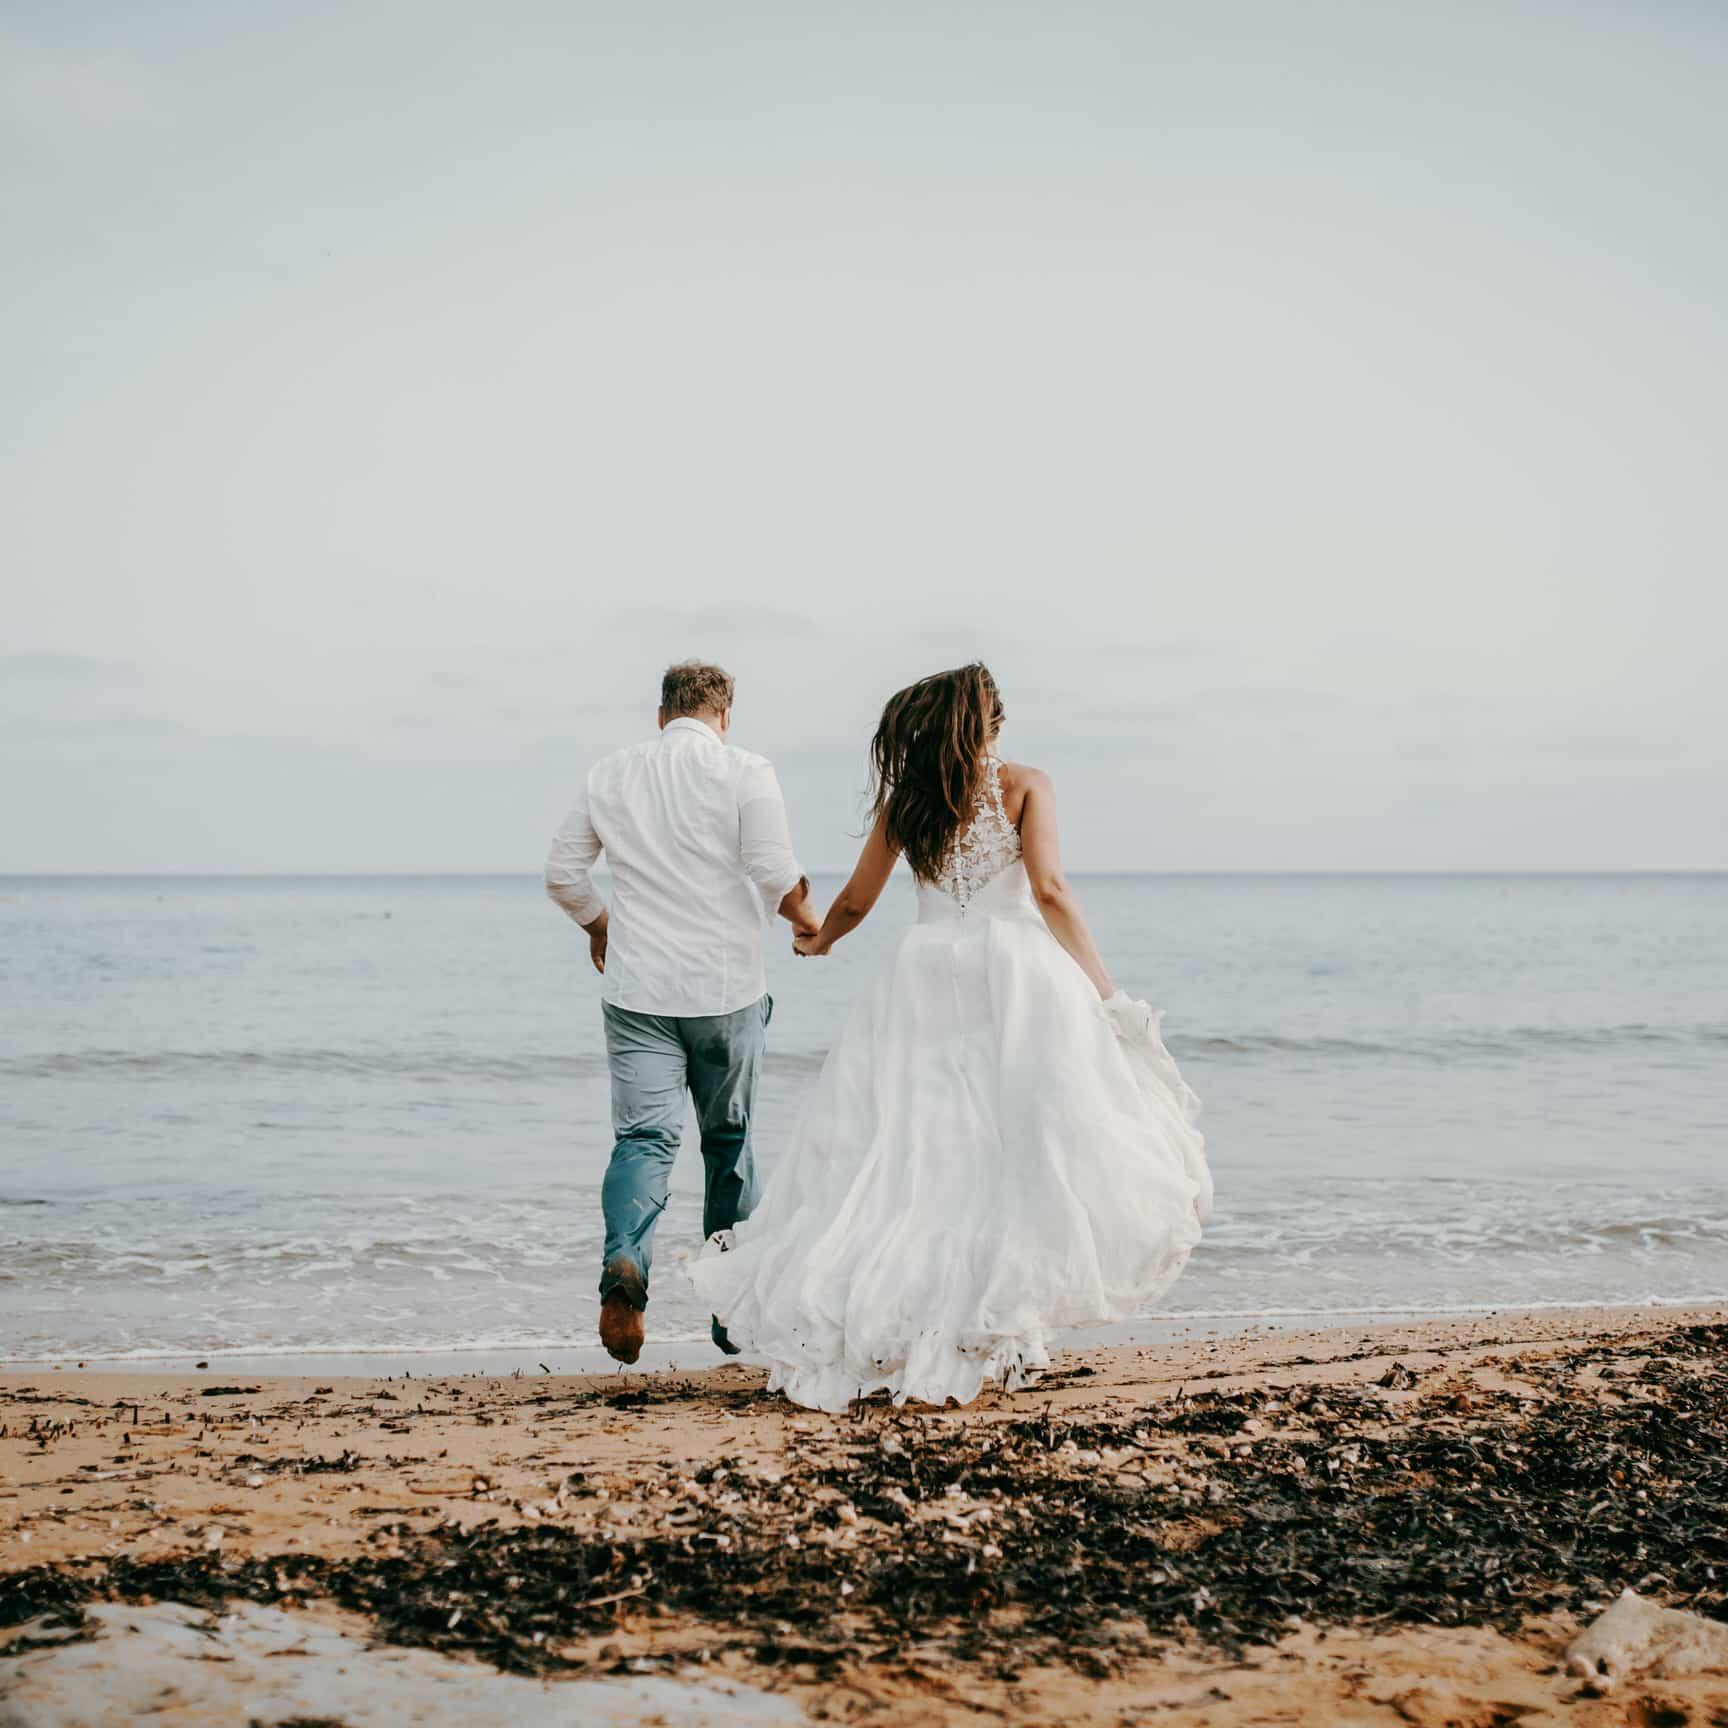 Als Hochzeitsfotograf auf Malta bei einer Strandhochzeit. Das Brautpaar rennt am Strand entlang, berührt mit den Füßen das Wasser, das Haar der Braut weht im Wind. Uns Hochzeitsfotografen Herz schlägt in solchen Momenten schneller.